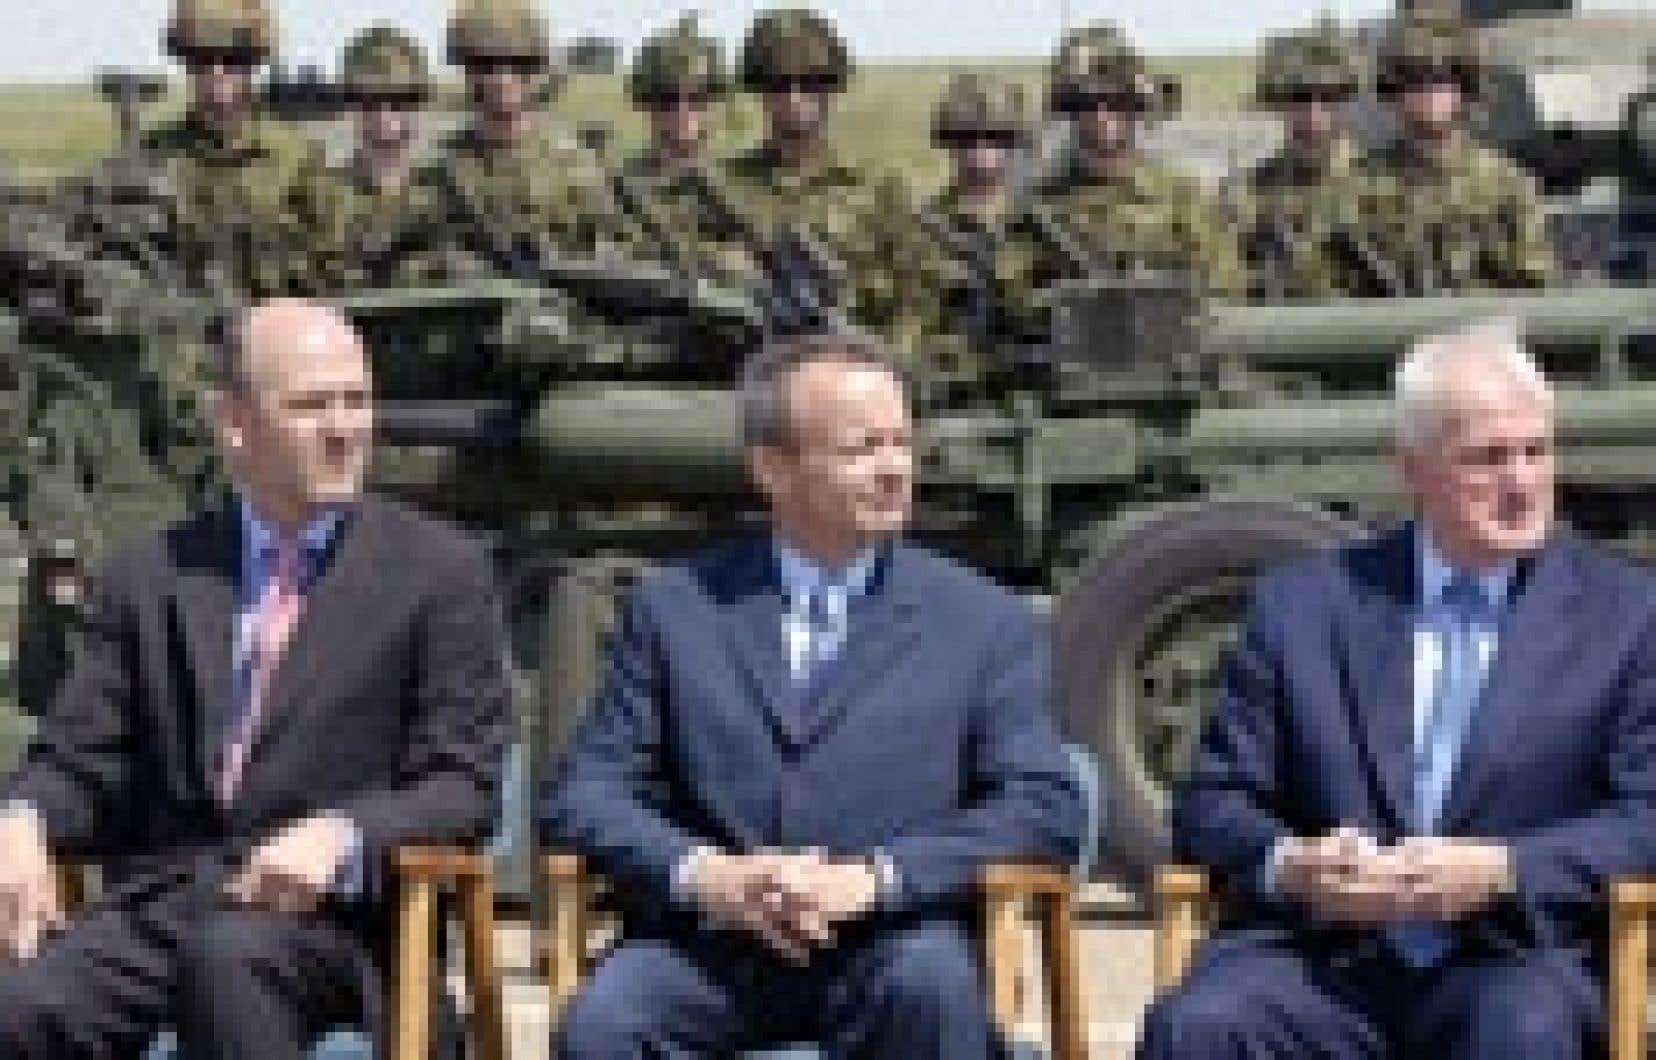 Les ministres Michael Fortier (à gauche), Stockwell Day (au centre) et Gordon O'Connor se sont rendus à Edmonton cette semaine pour annoncer l'achat de 16 hélicoptères pour l'armée canadienne.